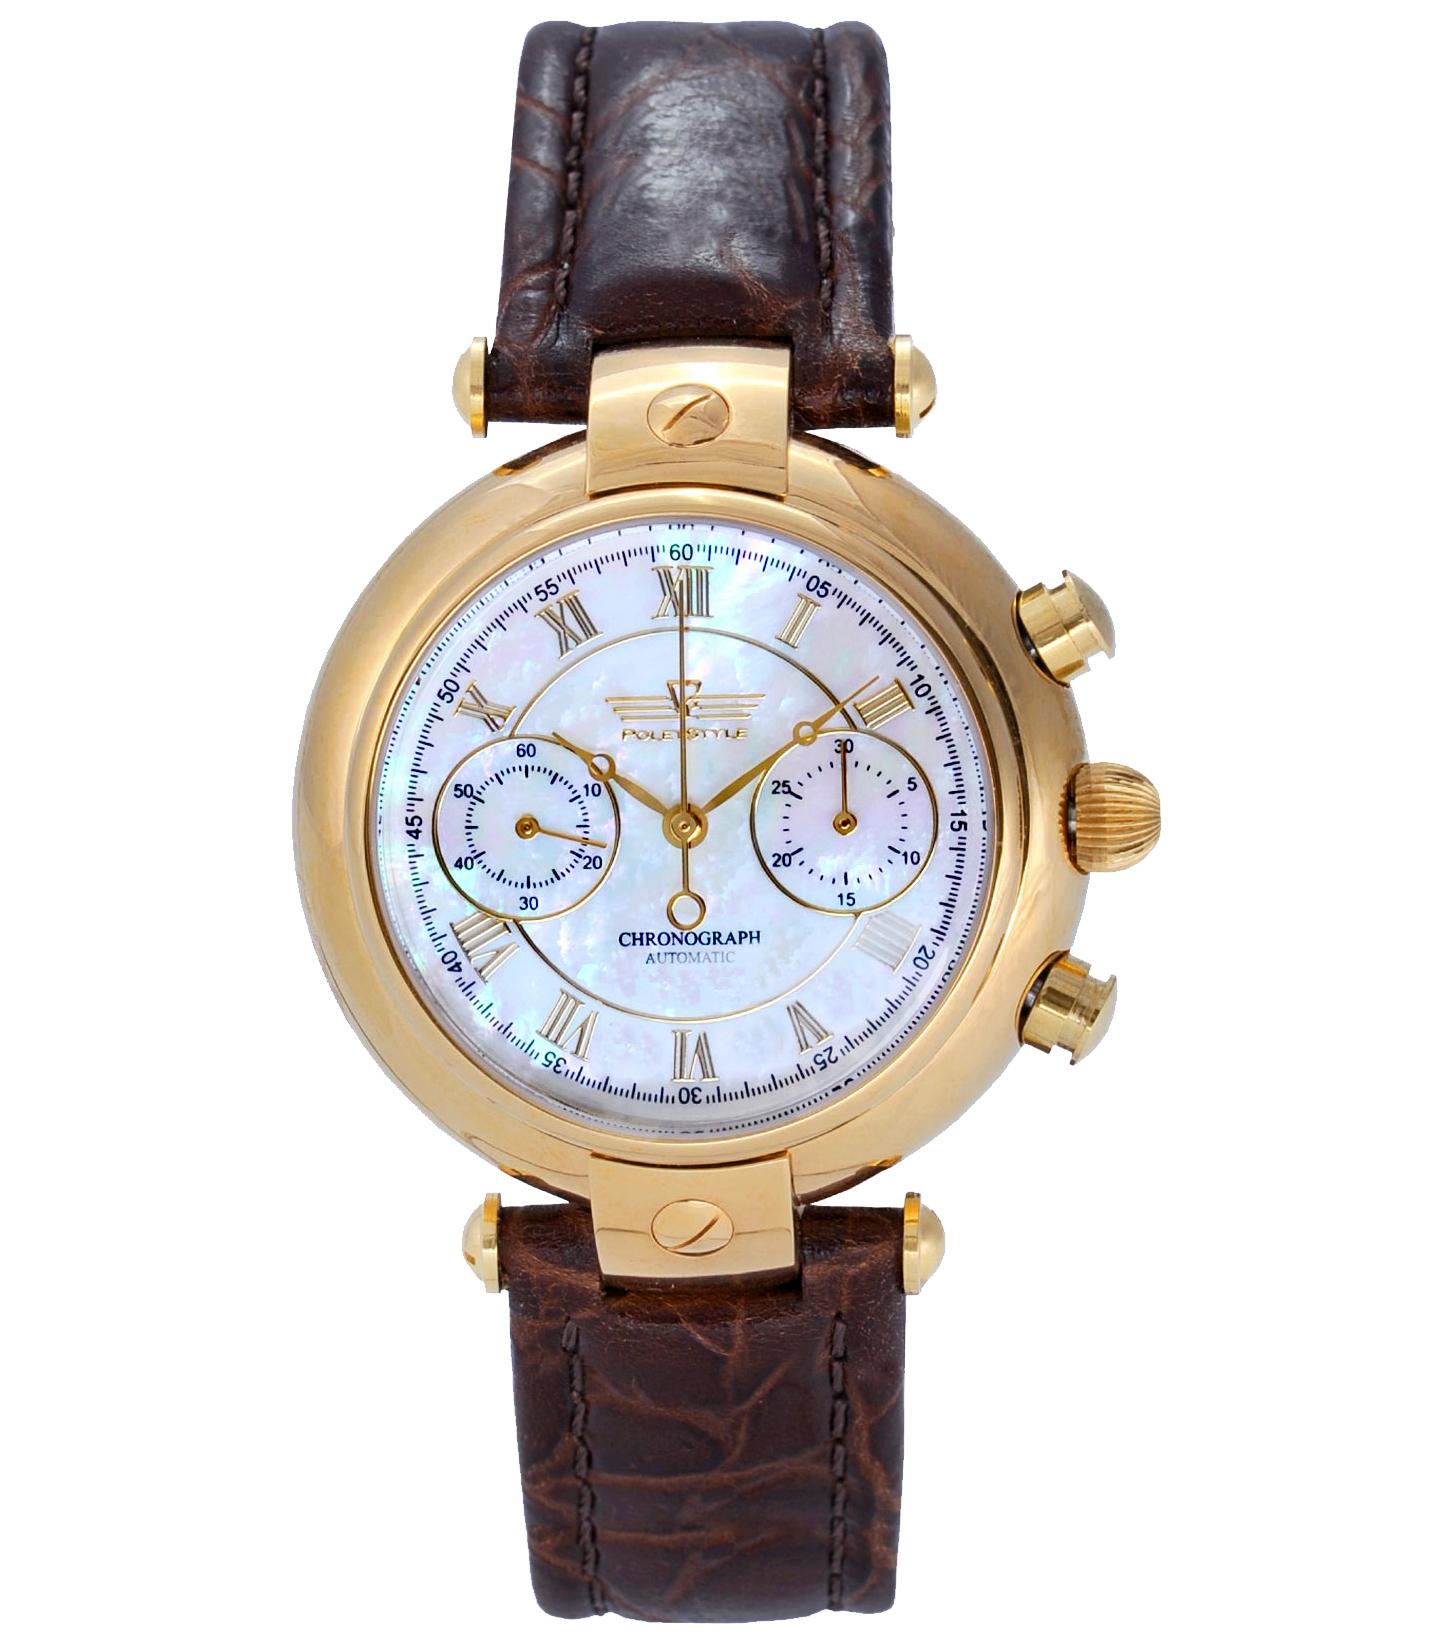 Часы для делового человека выполнены в классическом форм-факторе и имеют сдержанный дизайн.